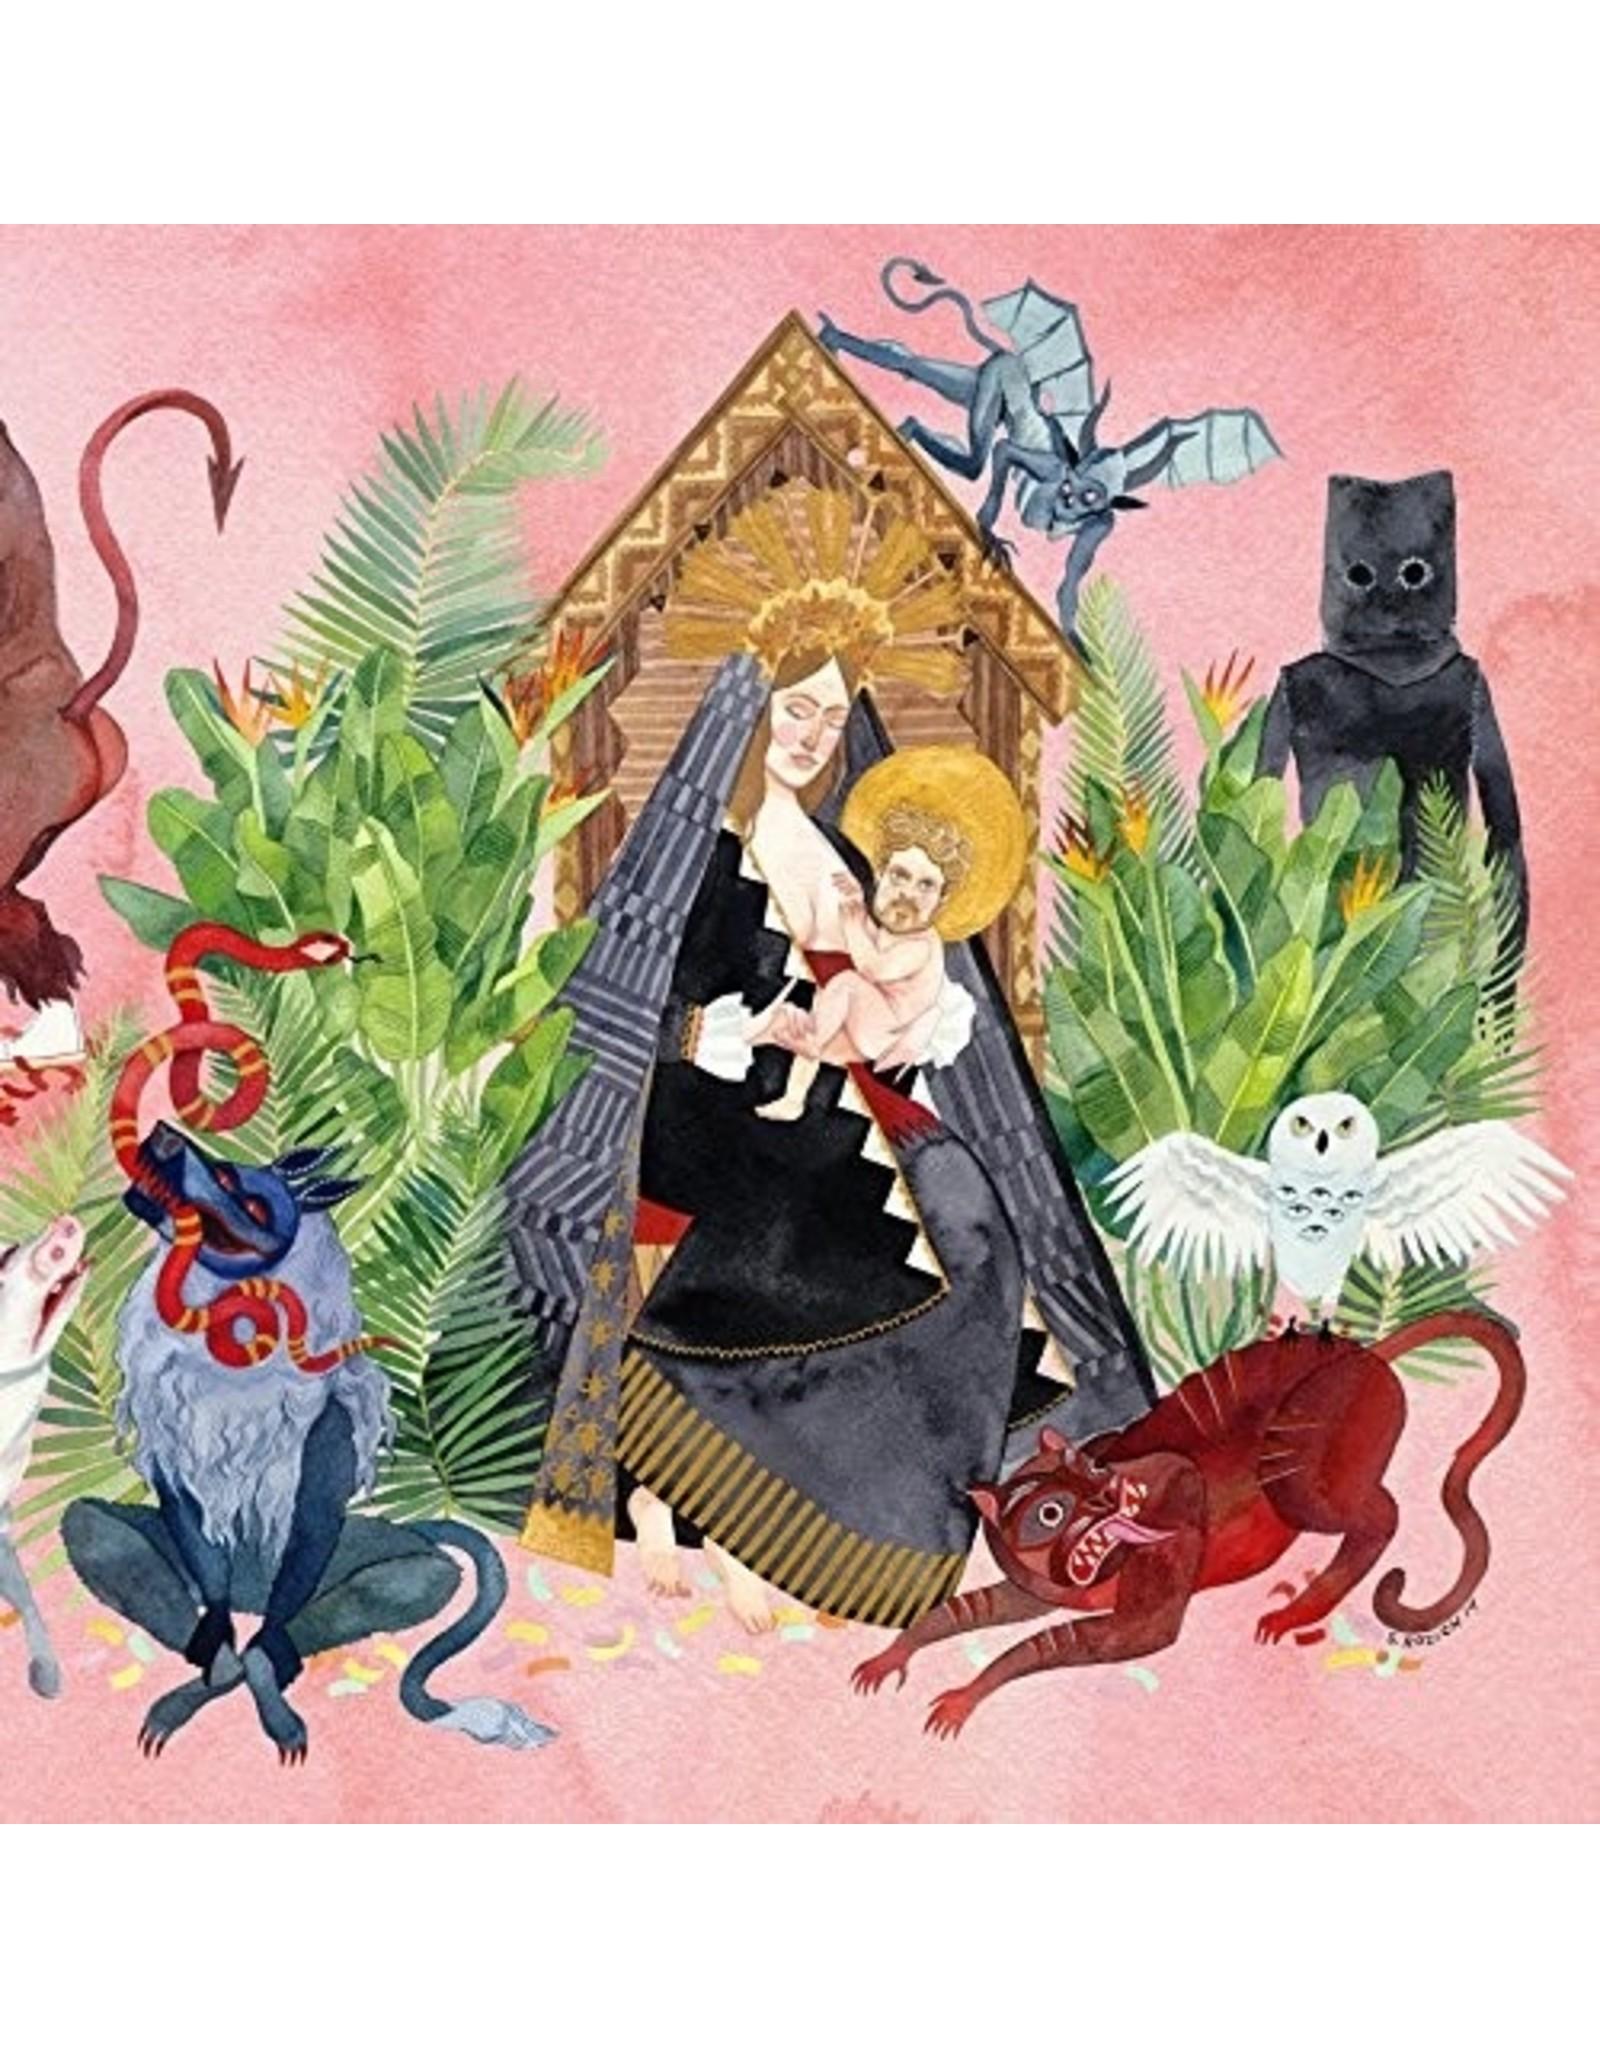 New Vinyl Father John Misty - I Love You, Honeybear 2LP